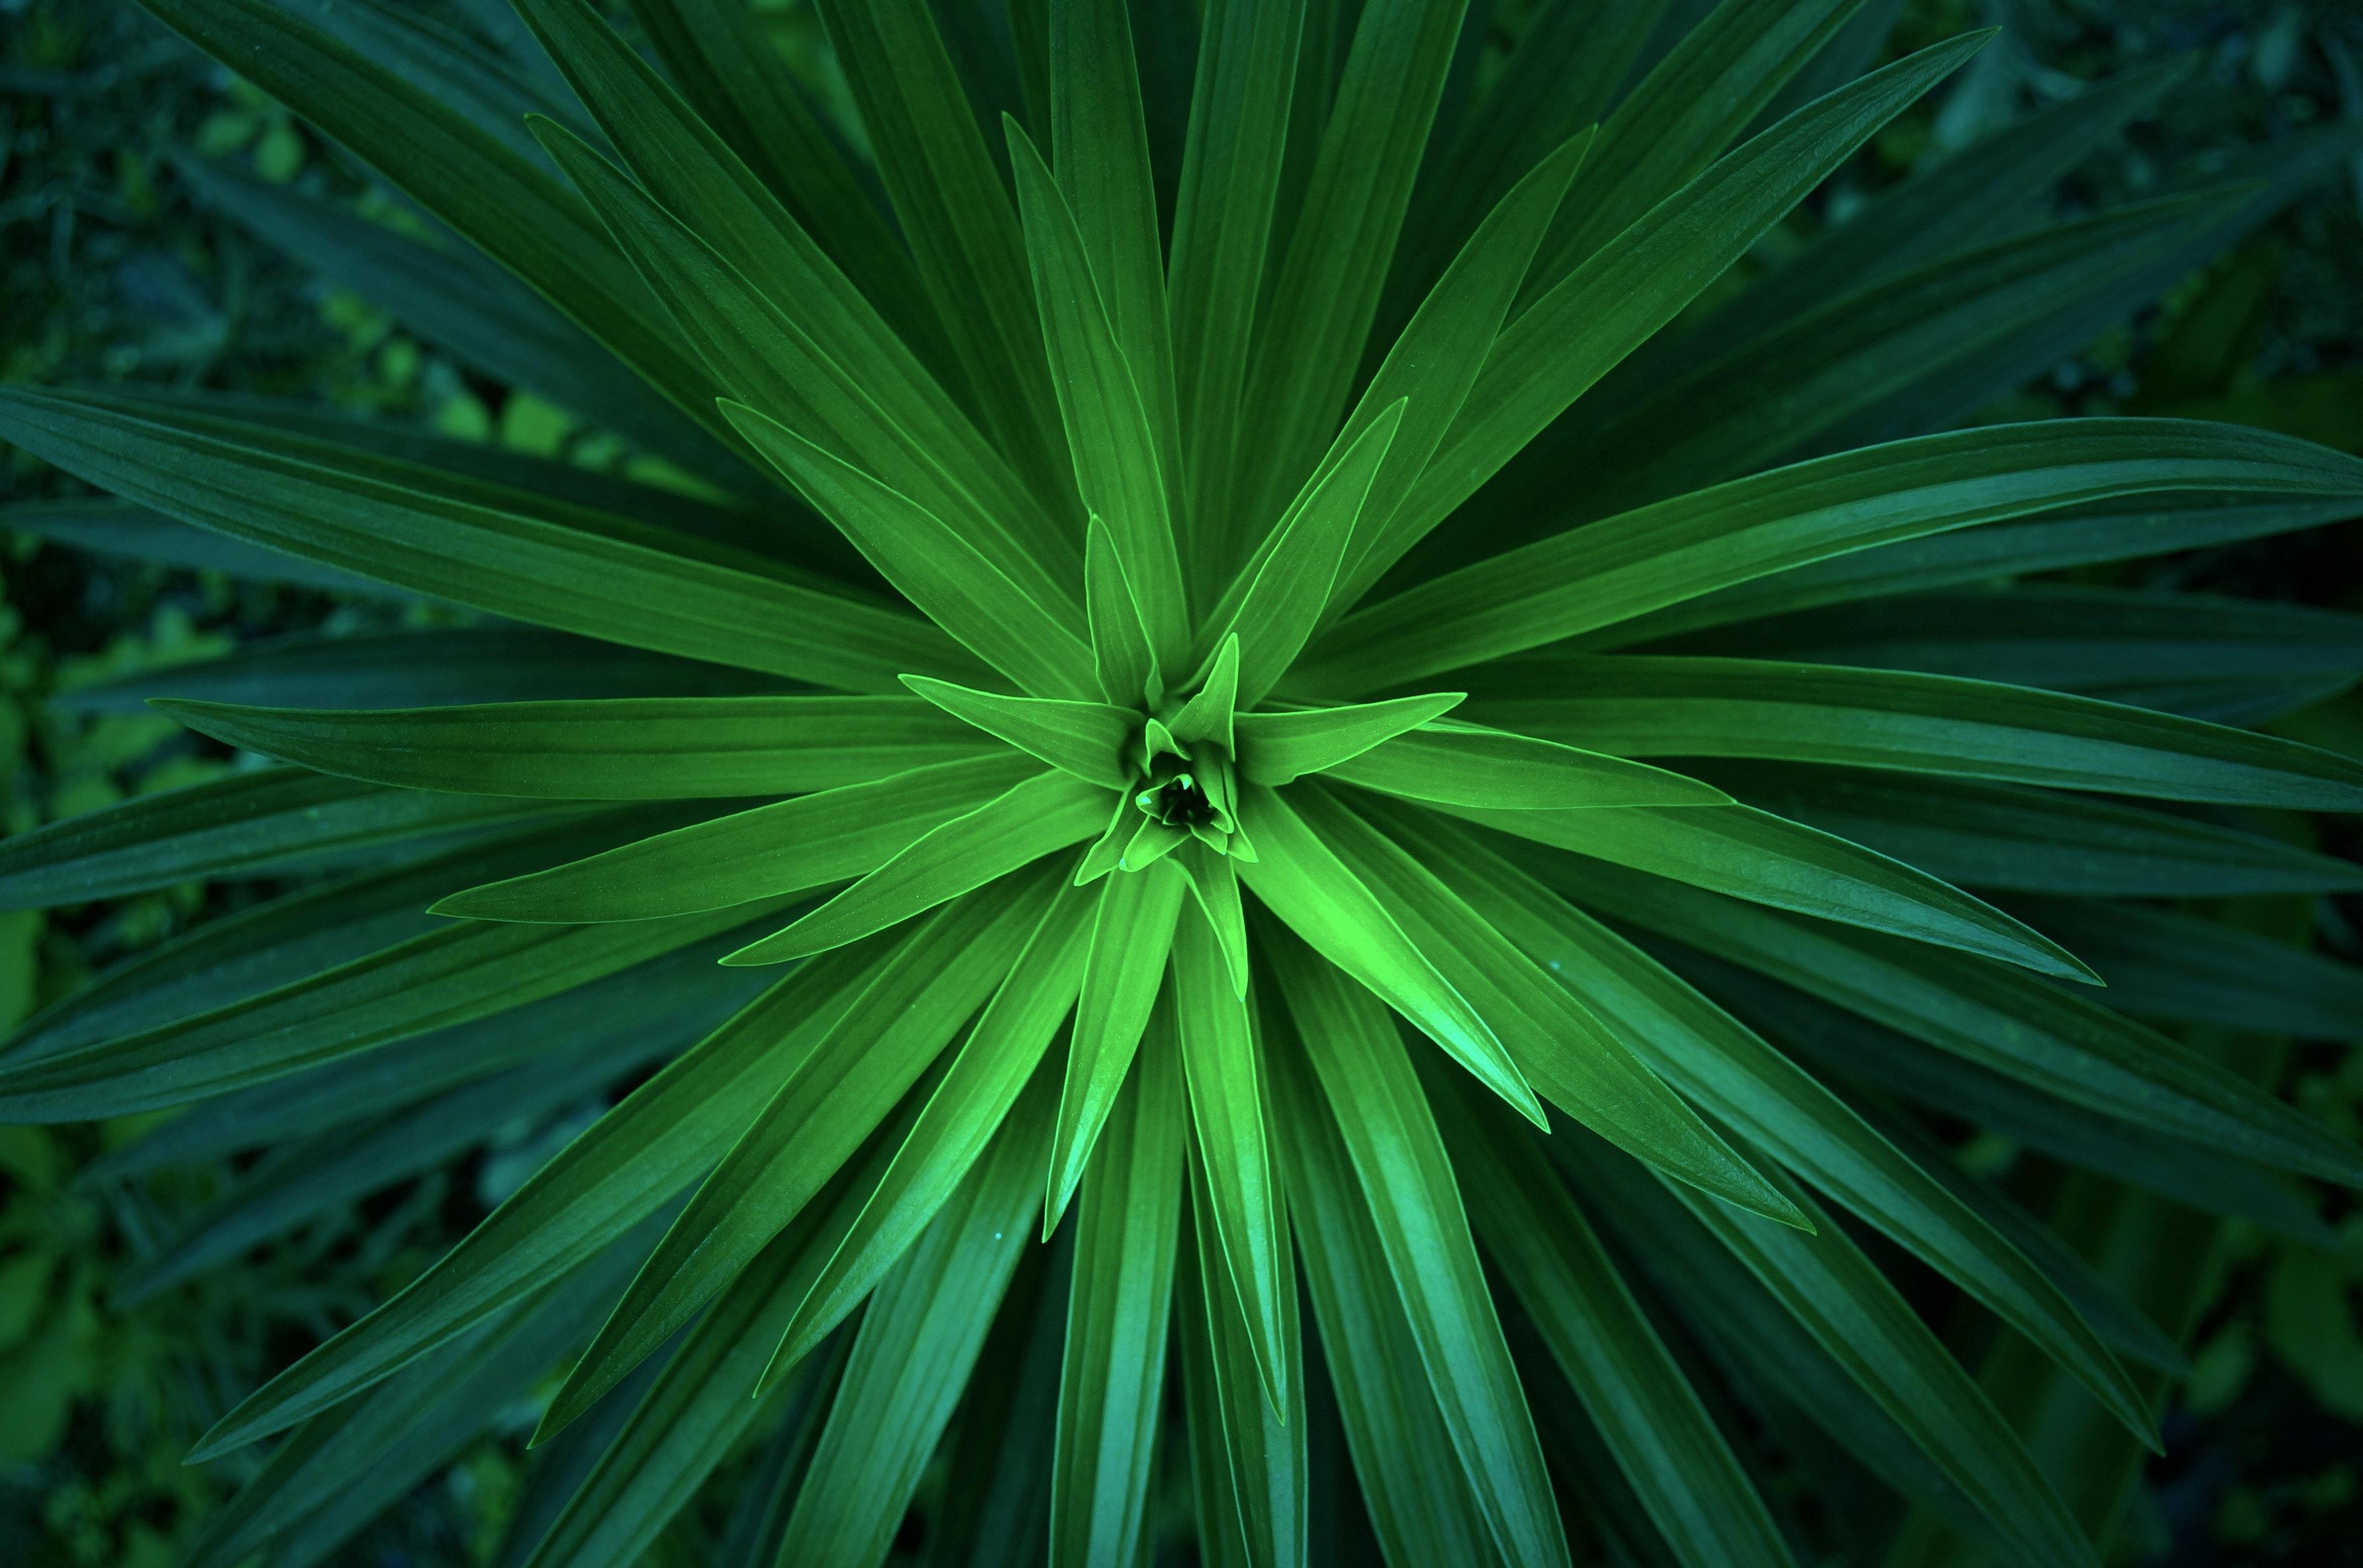 Pflanzen natur symbolbild bewerbung naturwissenschaften.4ca73792fbfa94b66e2a10d456750b9a5